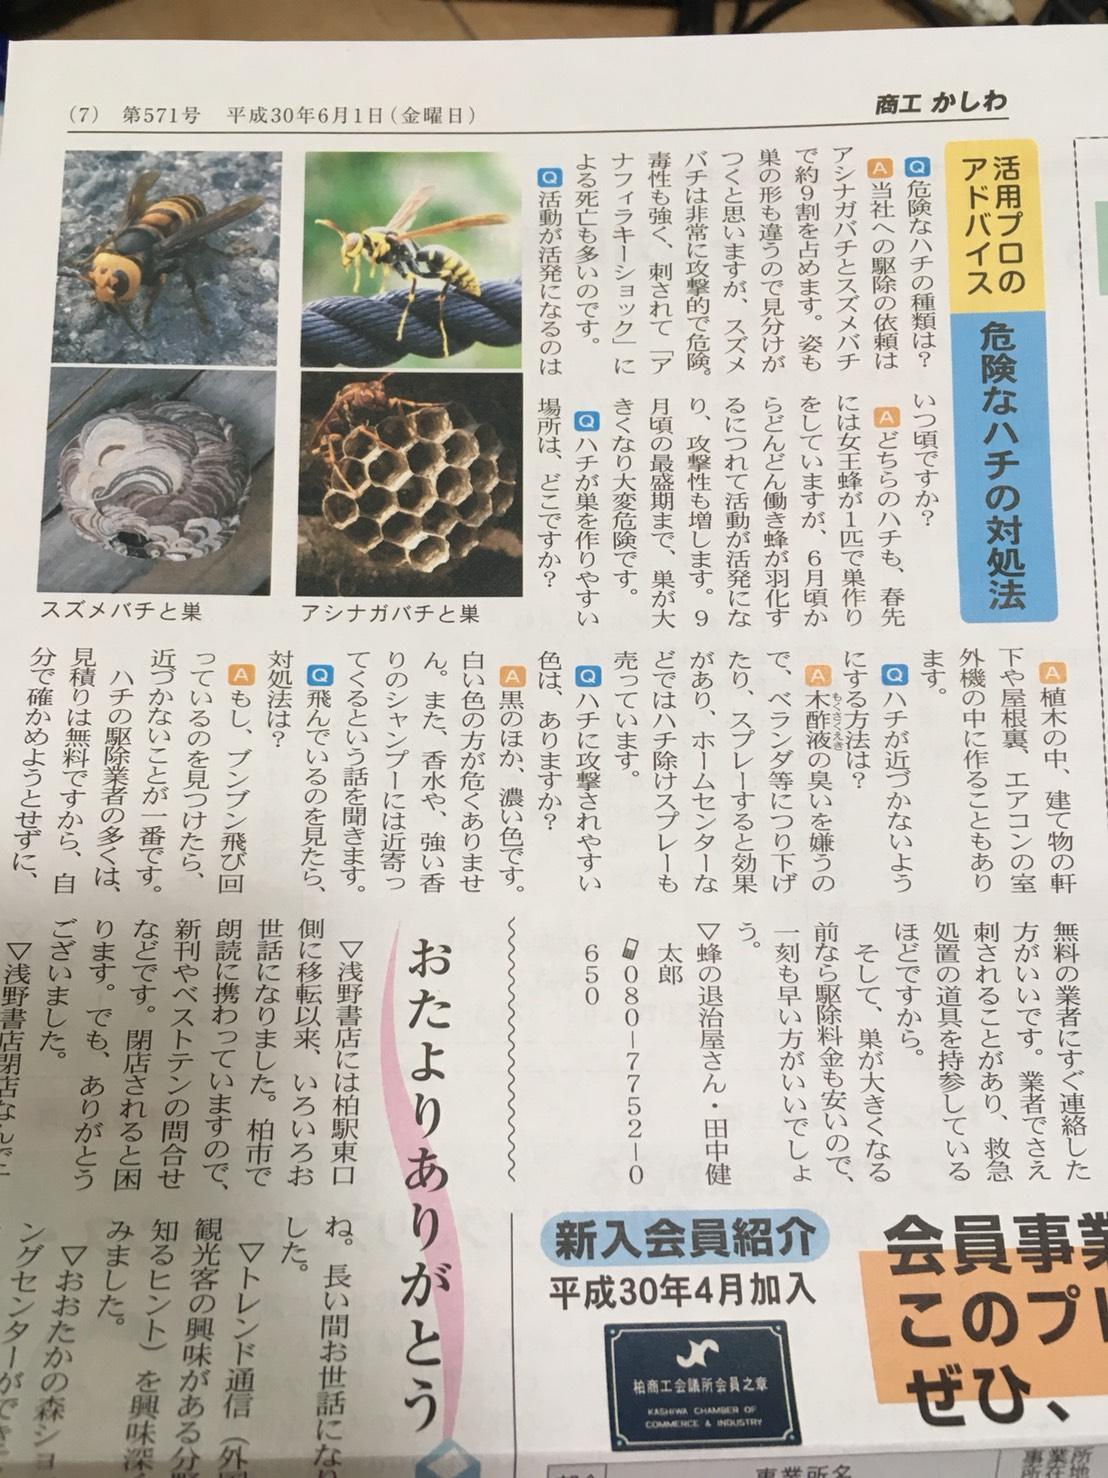 蜂の退治屋さんが千葉県柏市商工会議所が発行している商工かしわに掲載されました!